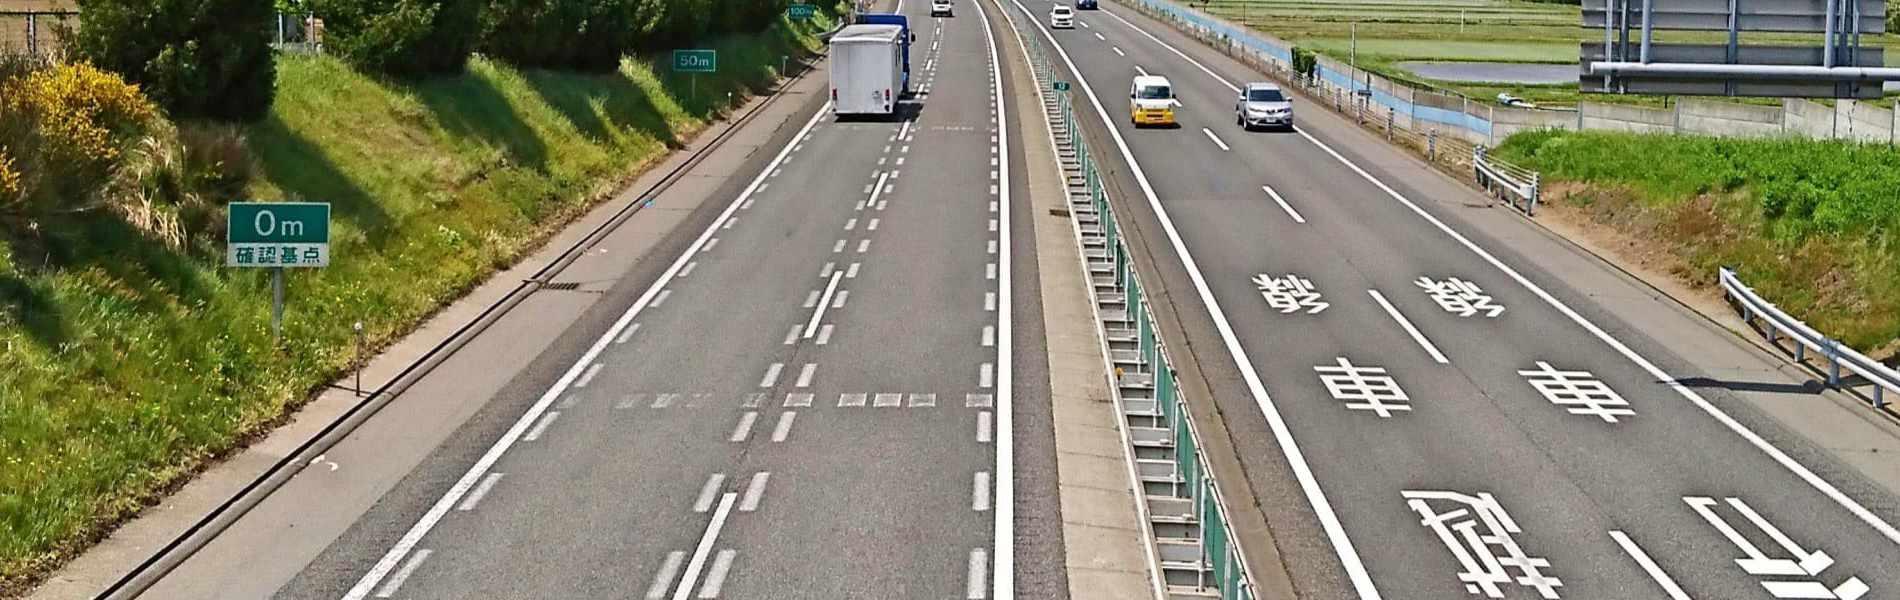 亀井産業の事業内容2.道路区画線工事・交通安全施設の施工